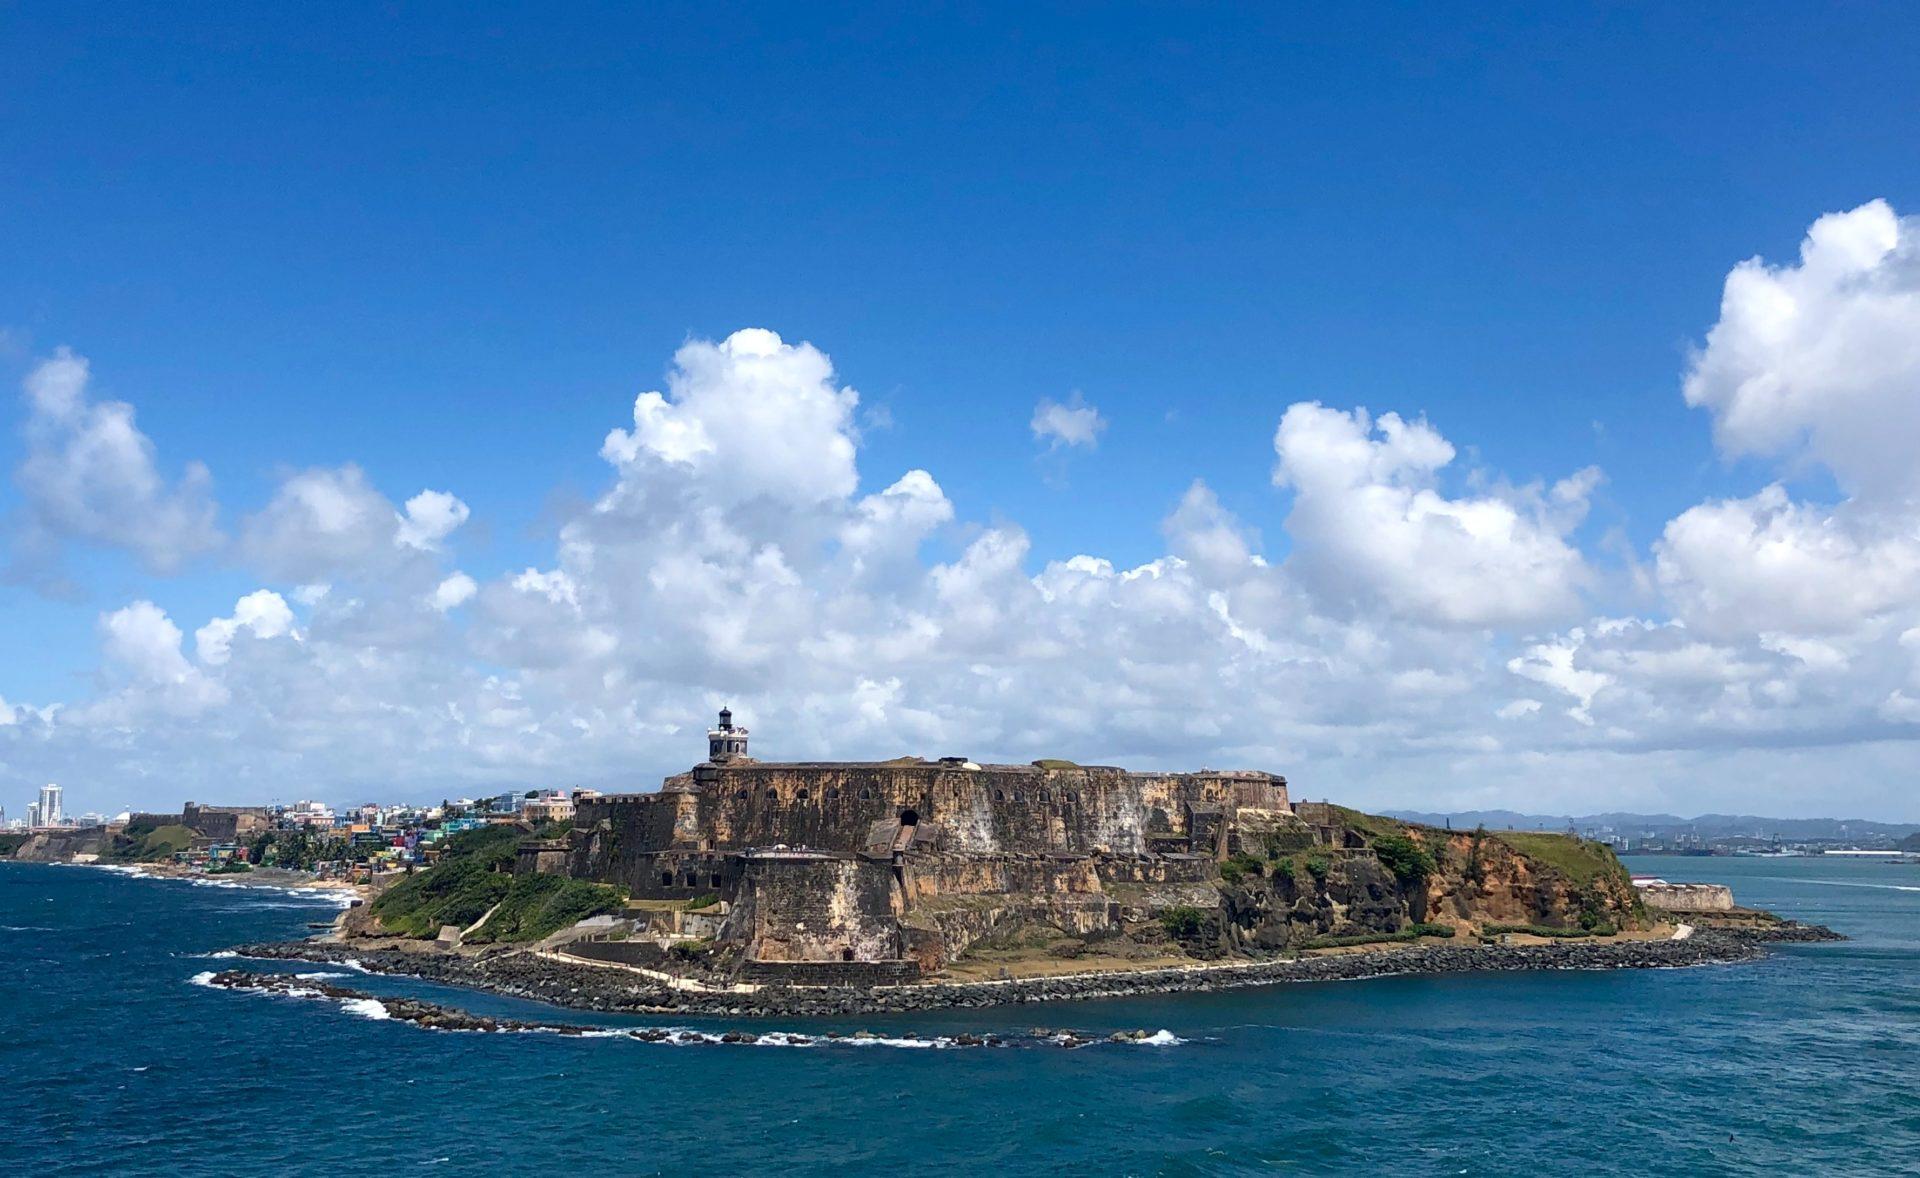 San Juan, Puerto Rico (Image credit: Stephanie Klepacki on Unsplash)